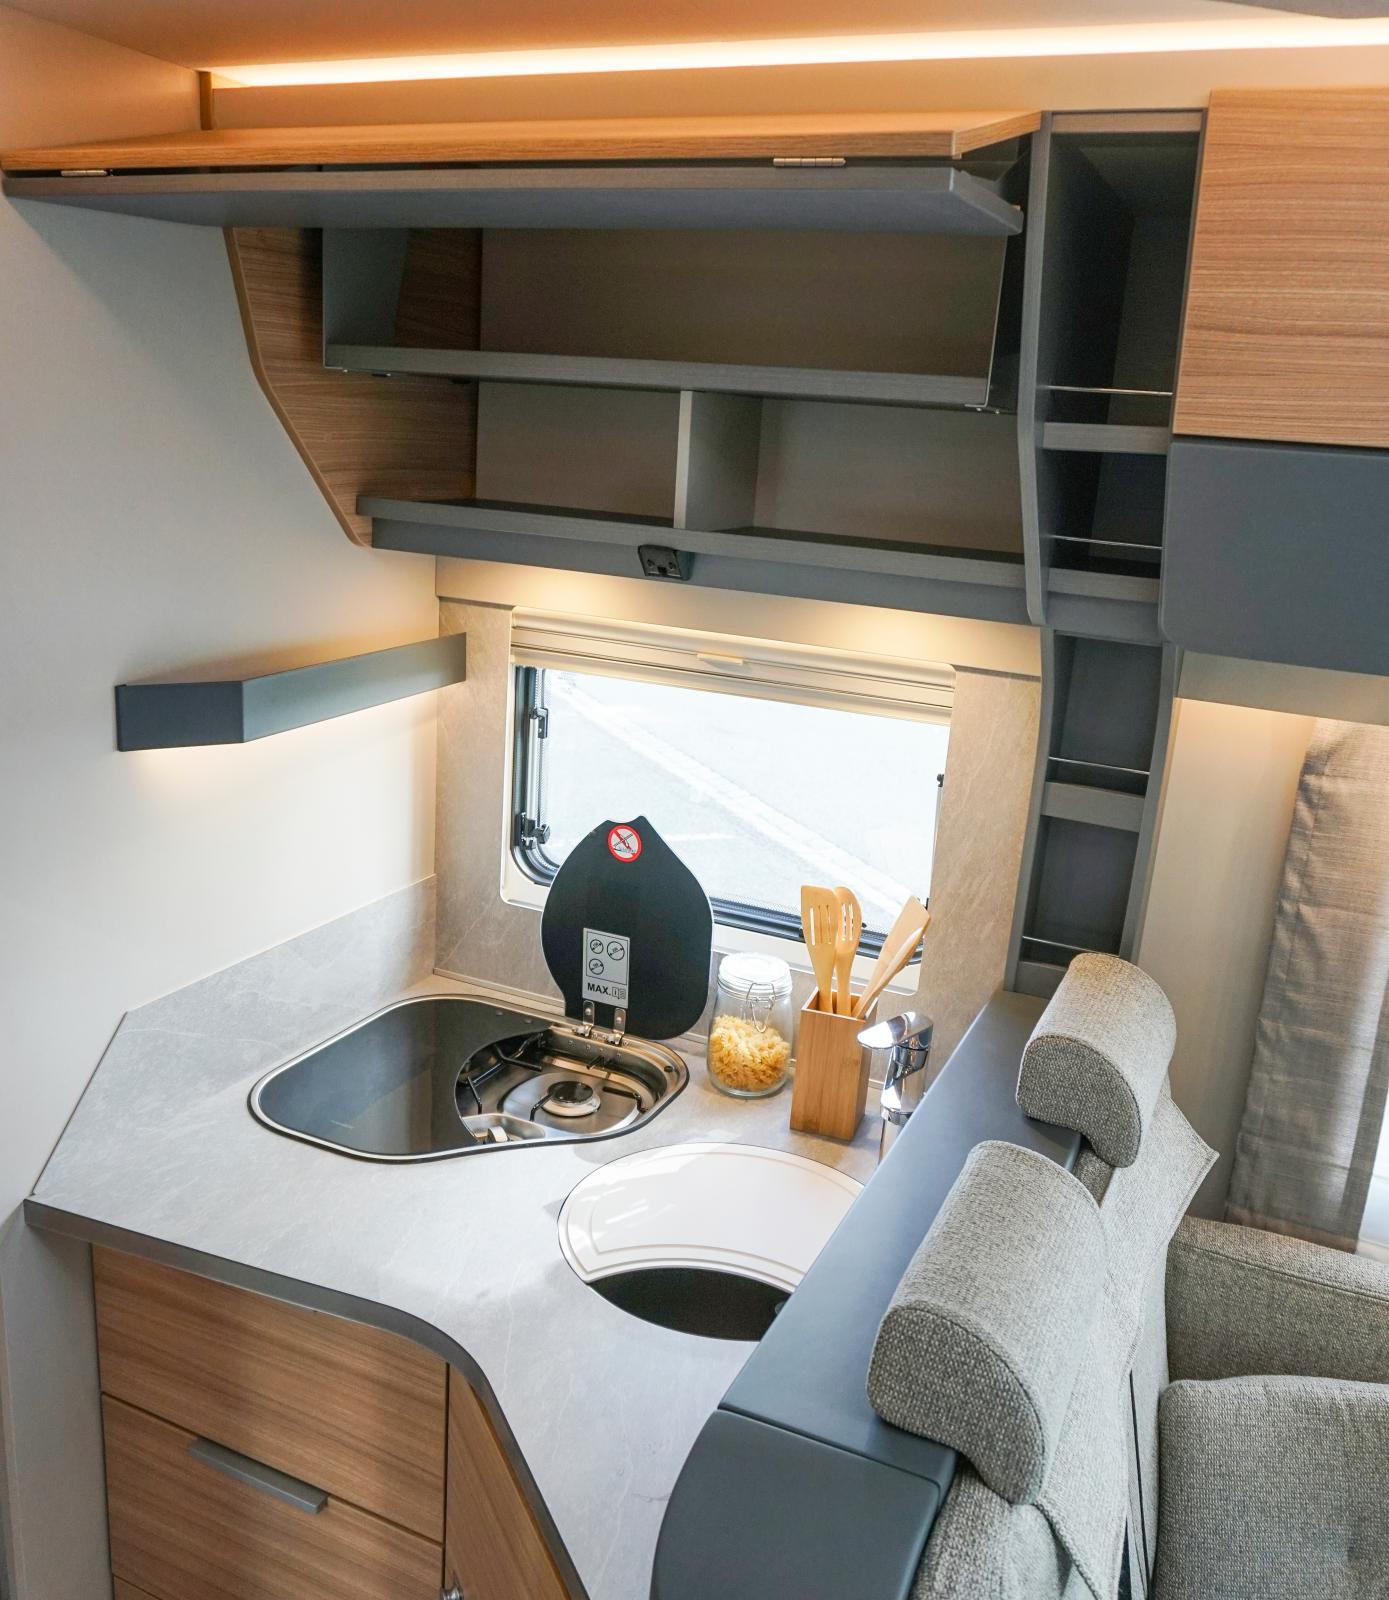 Köket är kompakt i vinkel men smart utformad köksbänk och hyllplan ger bra förvaring.